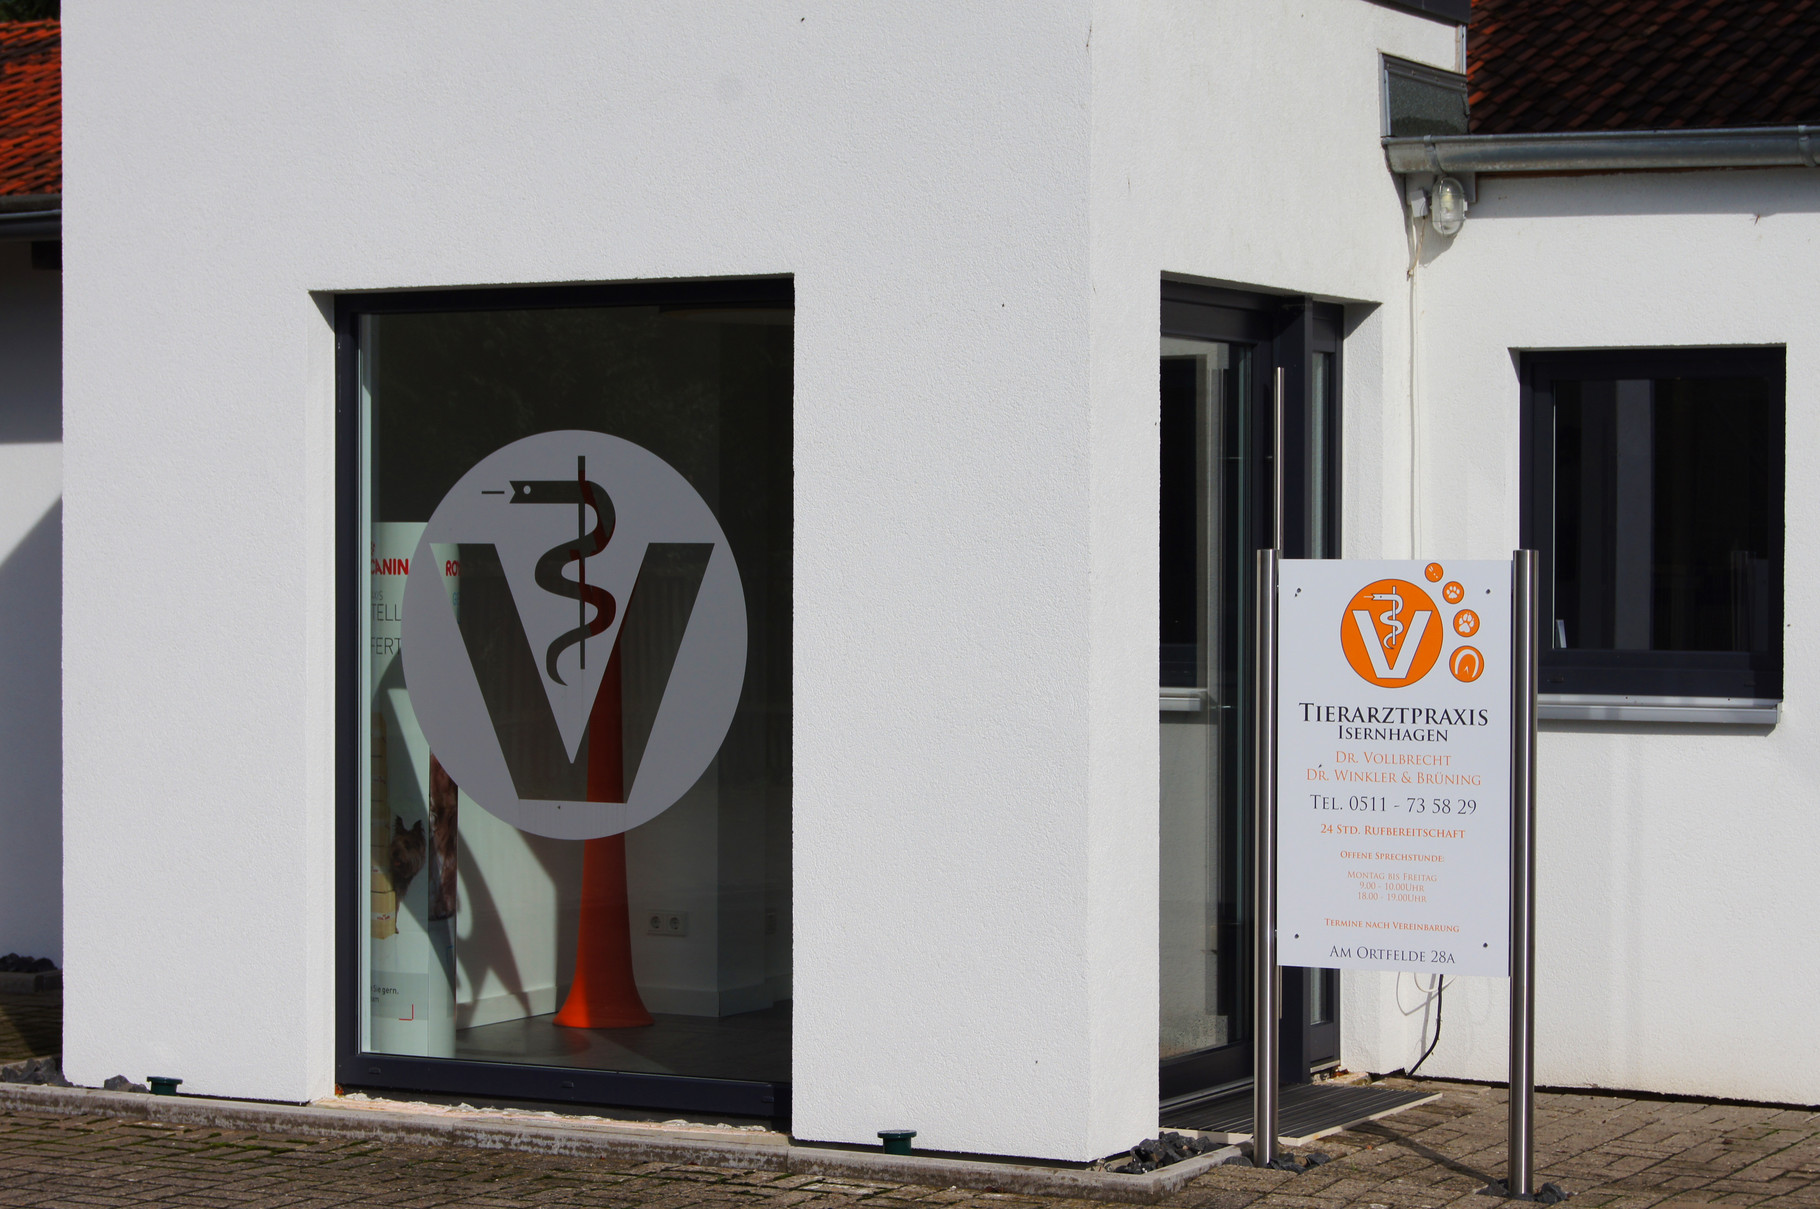 Tierarztpraxis Isernhagen -Eingang